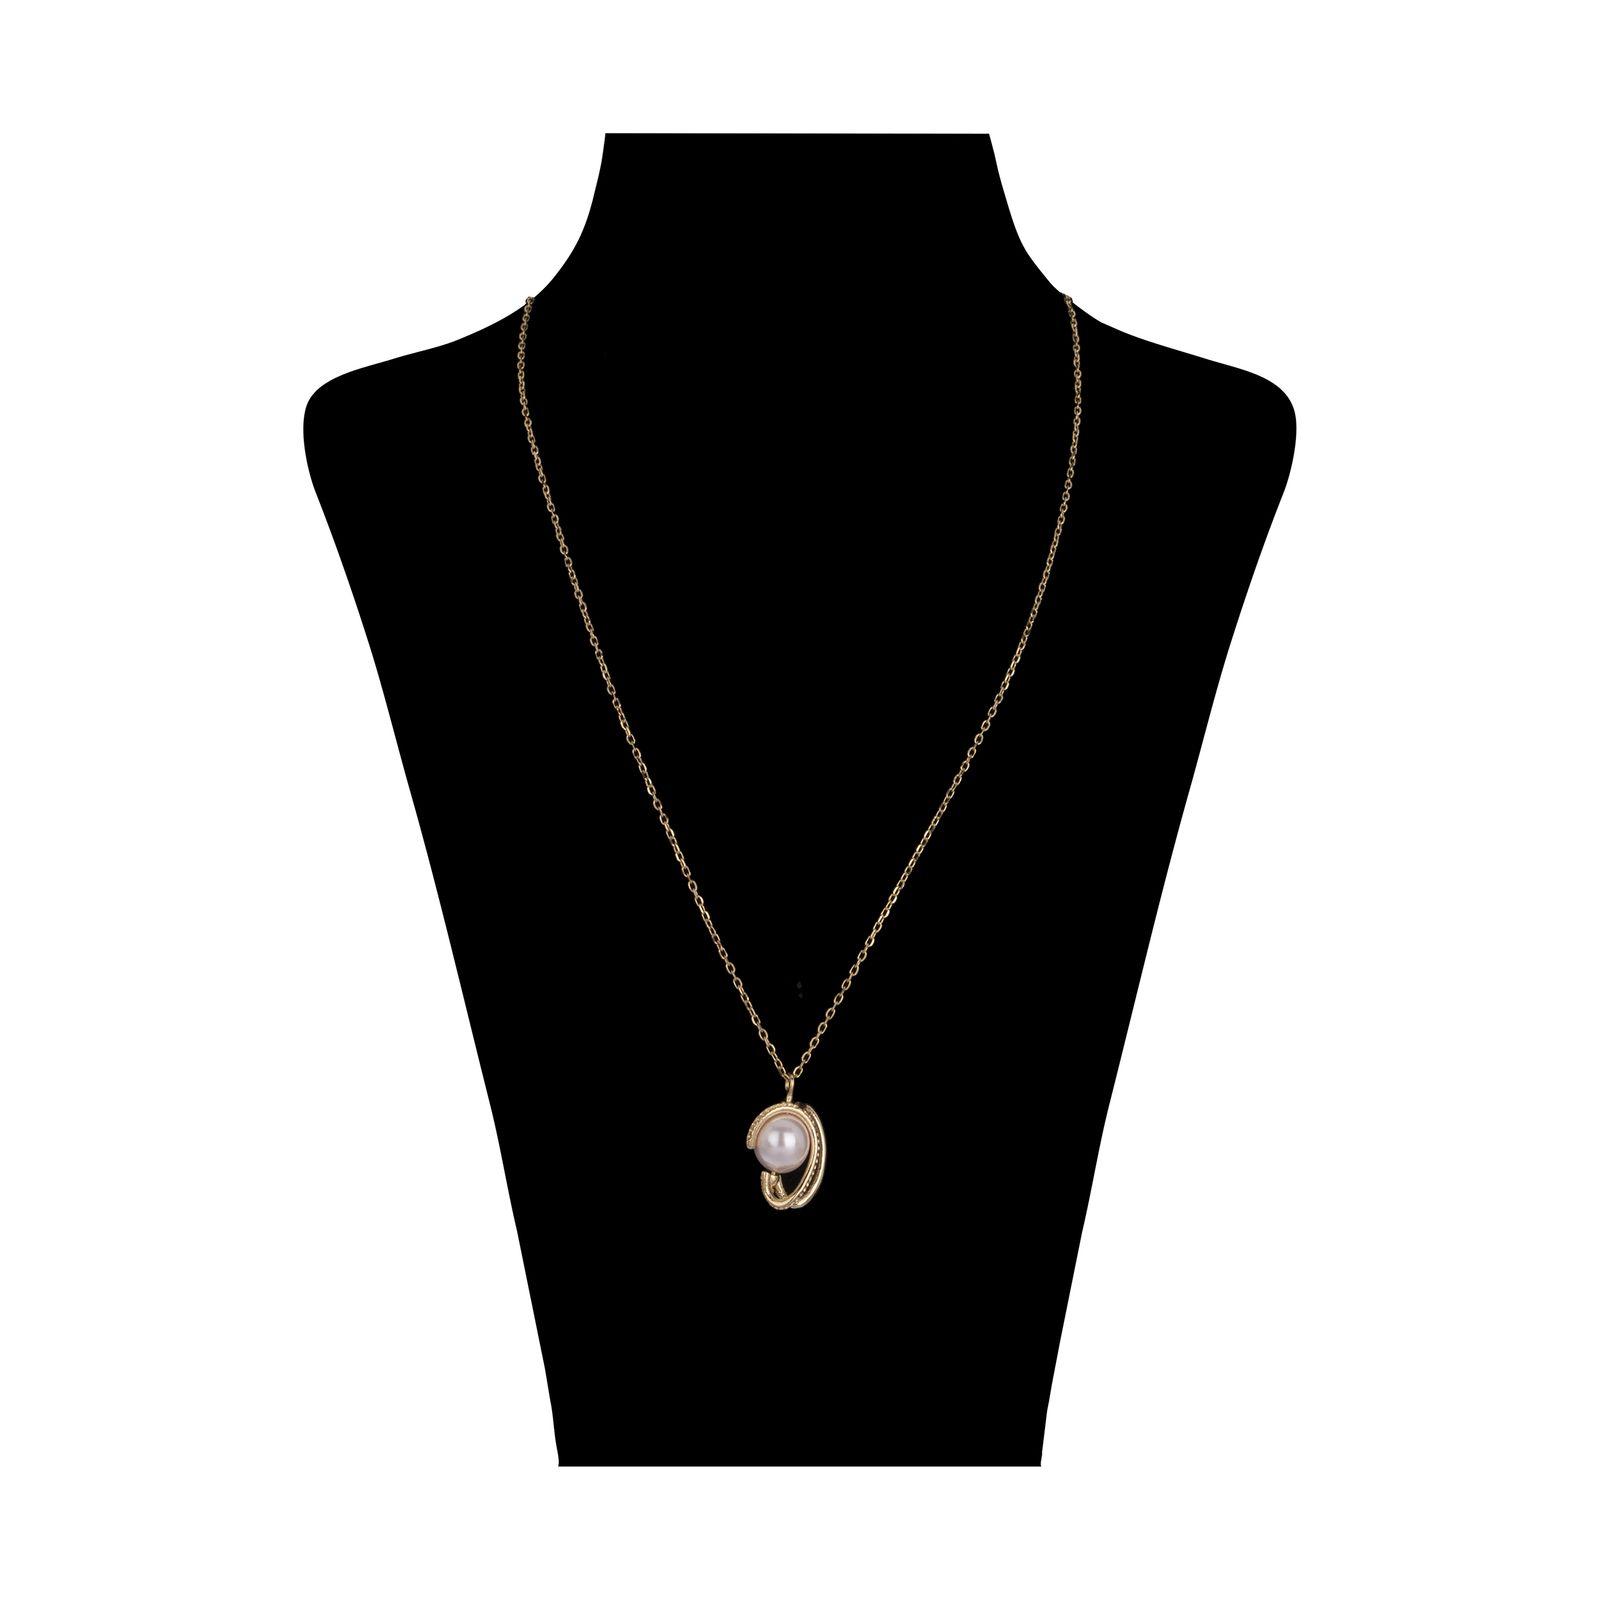 گردنبند طلا 18 عیار زنانه مایا ماهک مدل ZMM1006 -  - 2